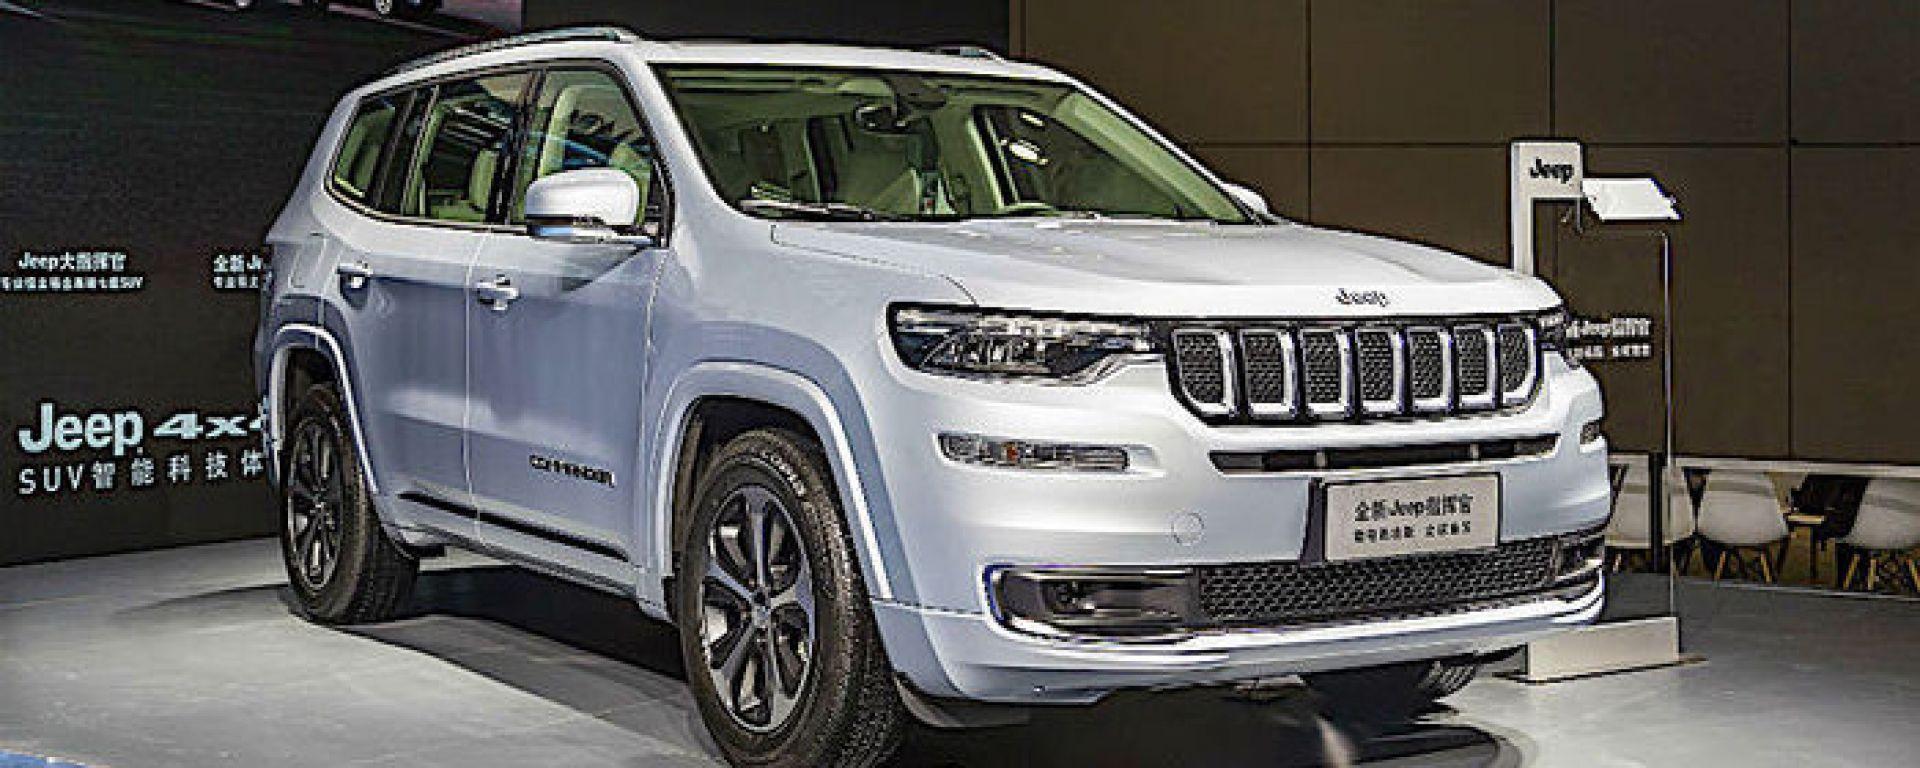 Nuova Jeep Commander PHEV: la sua presentazione in pubblico